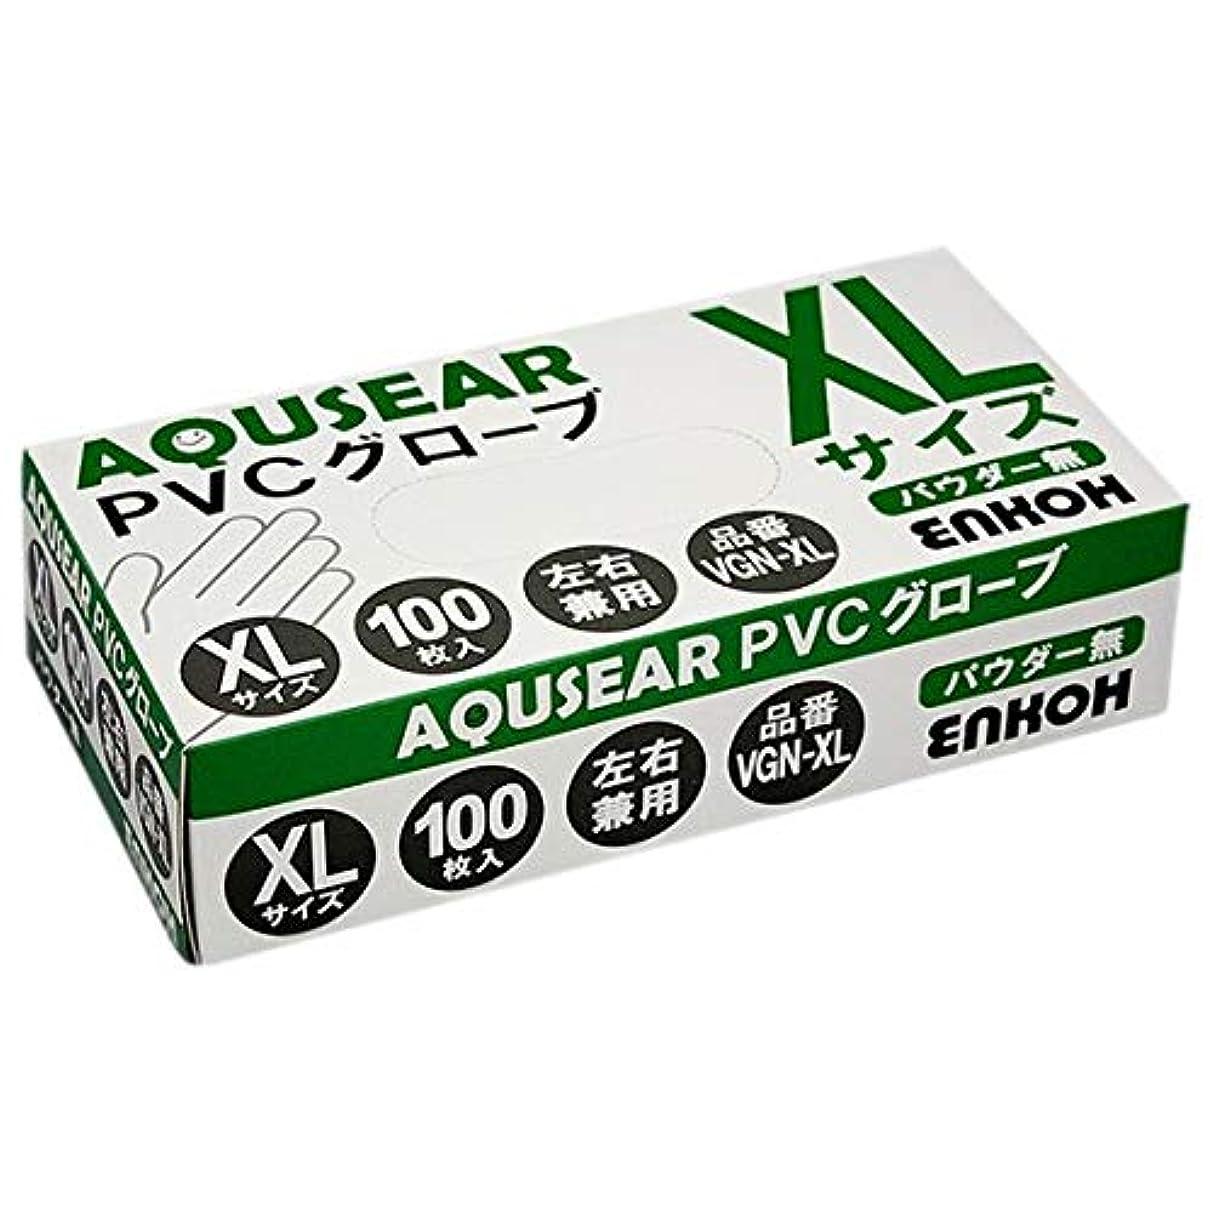 AQUSEAR PVC プラスチックグローブ XLサイズ パウダー無 VGN-XL 100枚×20箱